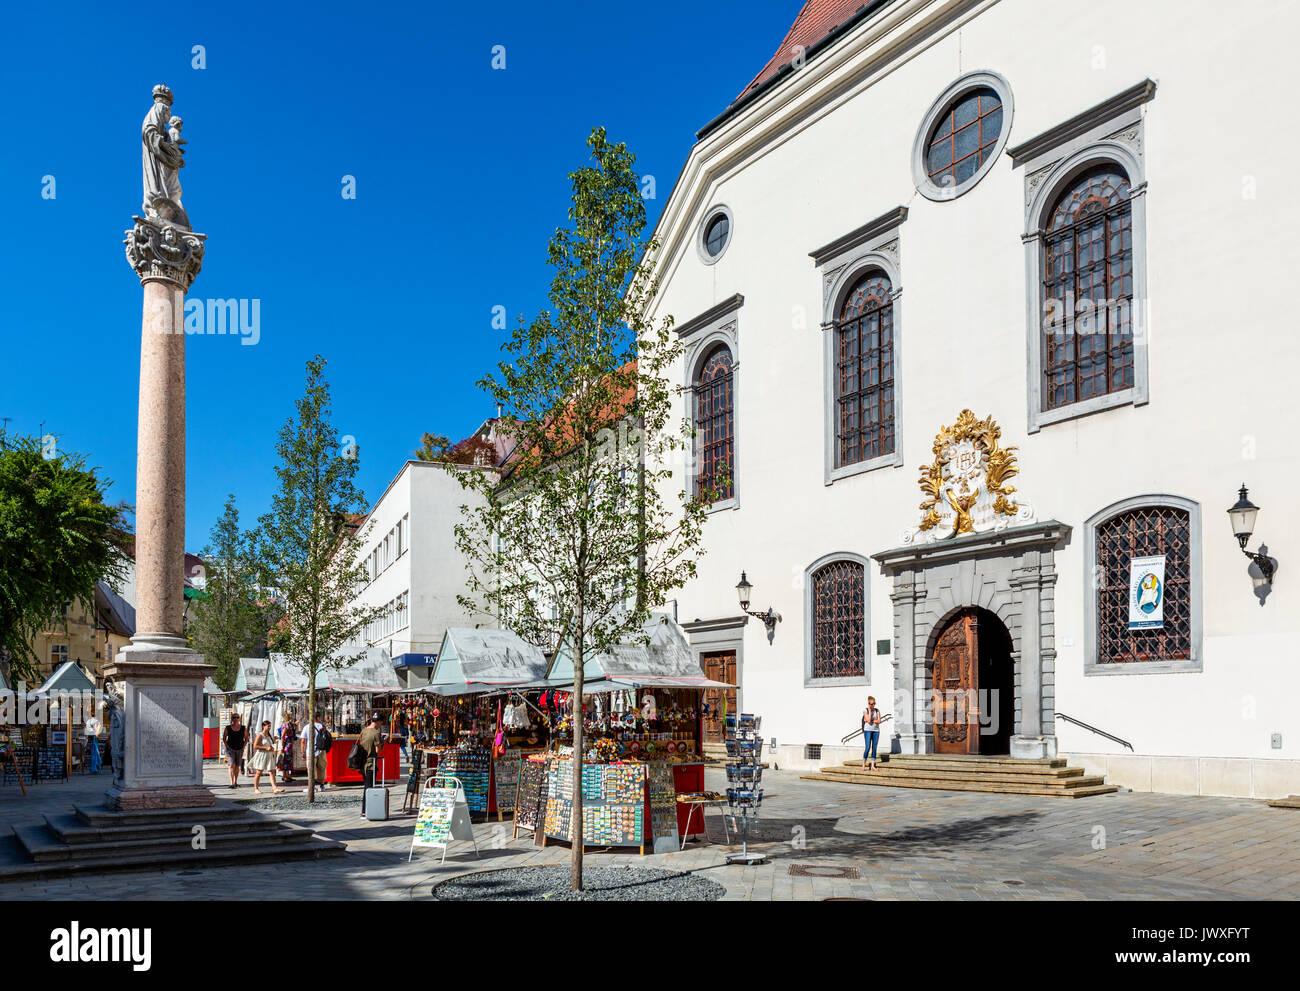 Holy Saviour Church (Jesuit Church) on Františkánske námestie, just off Hlavné námestie (Main Square), Old Town, Bratislava, Slovakia - Stock Image